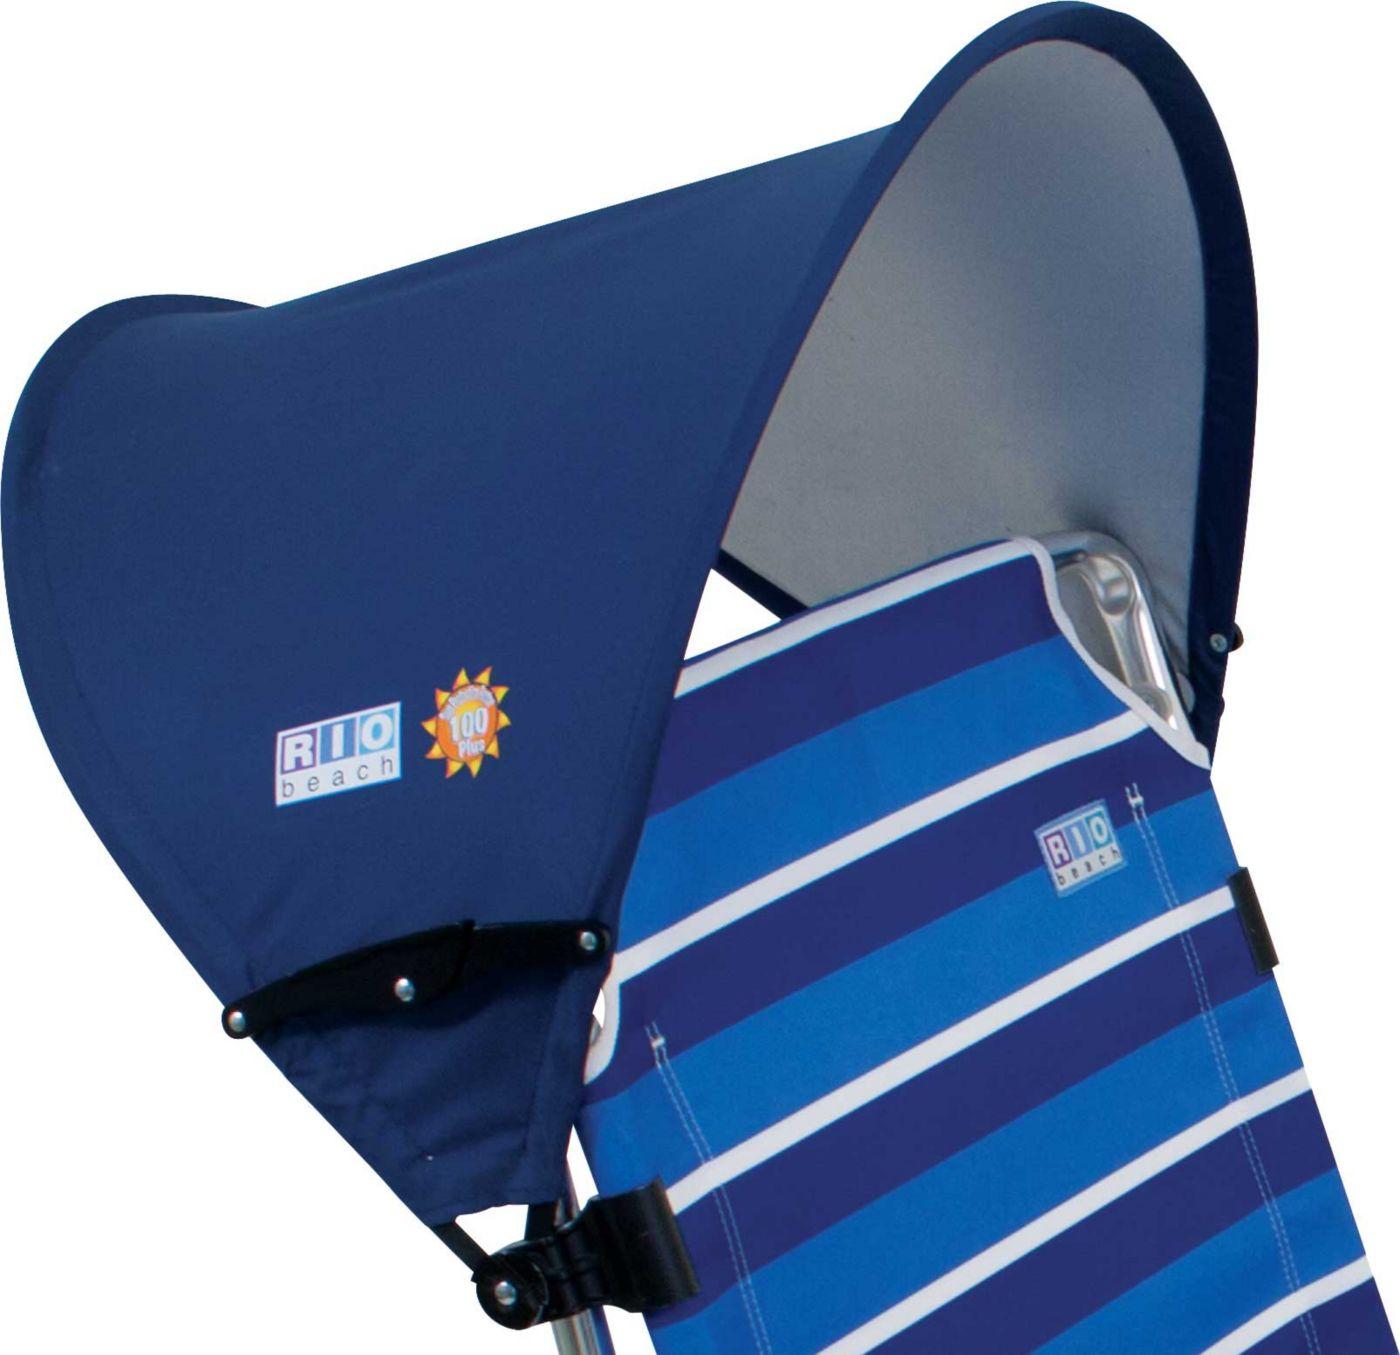 RIO MyCanopy Beach Chair Accessory